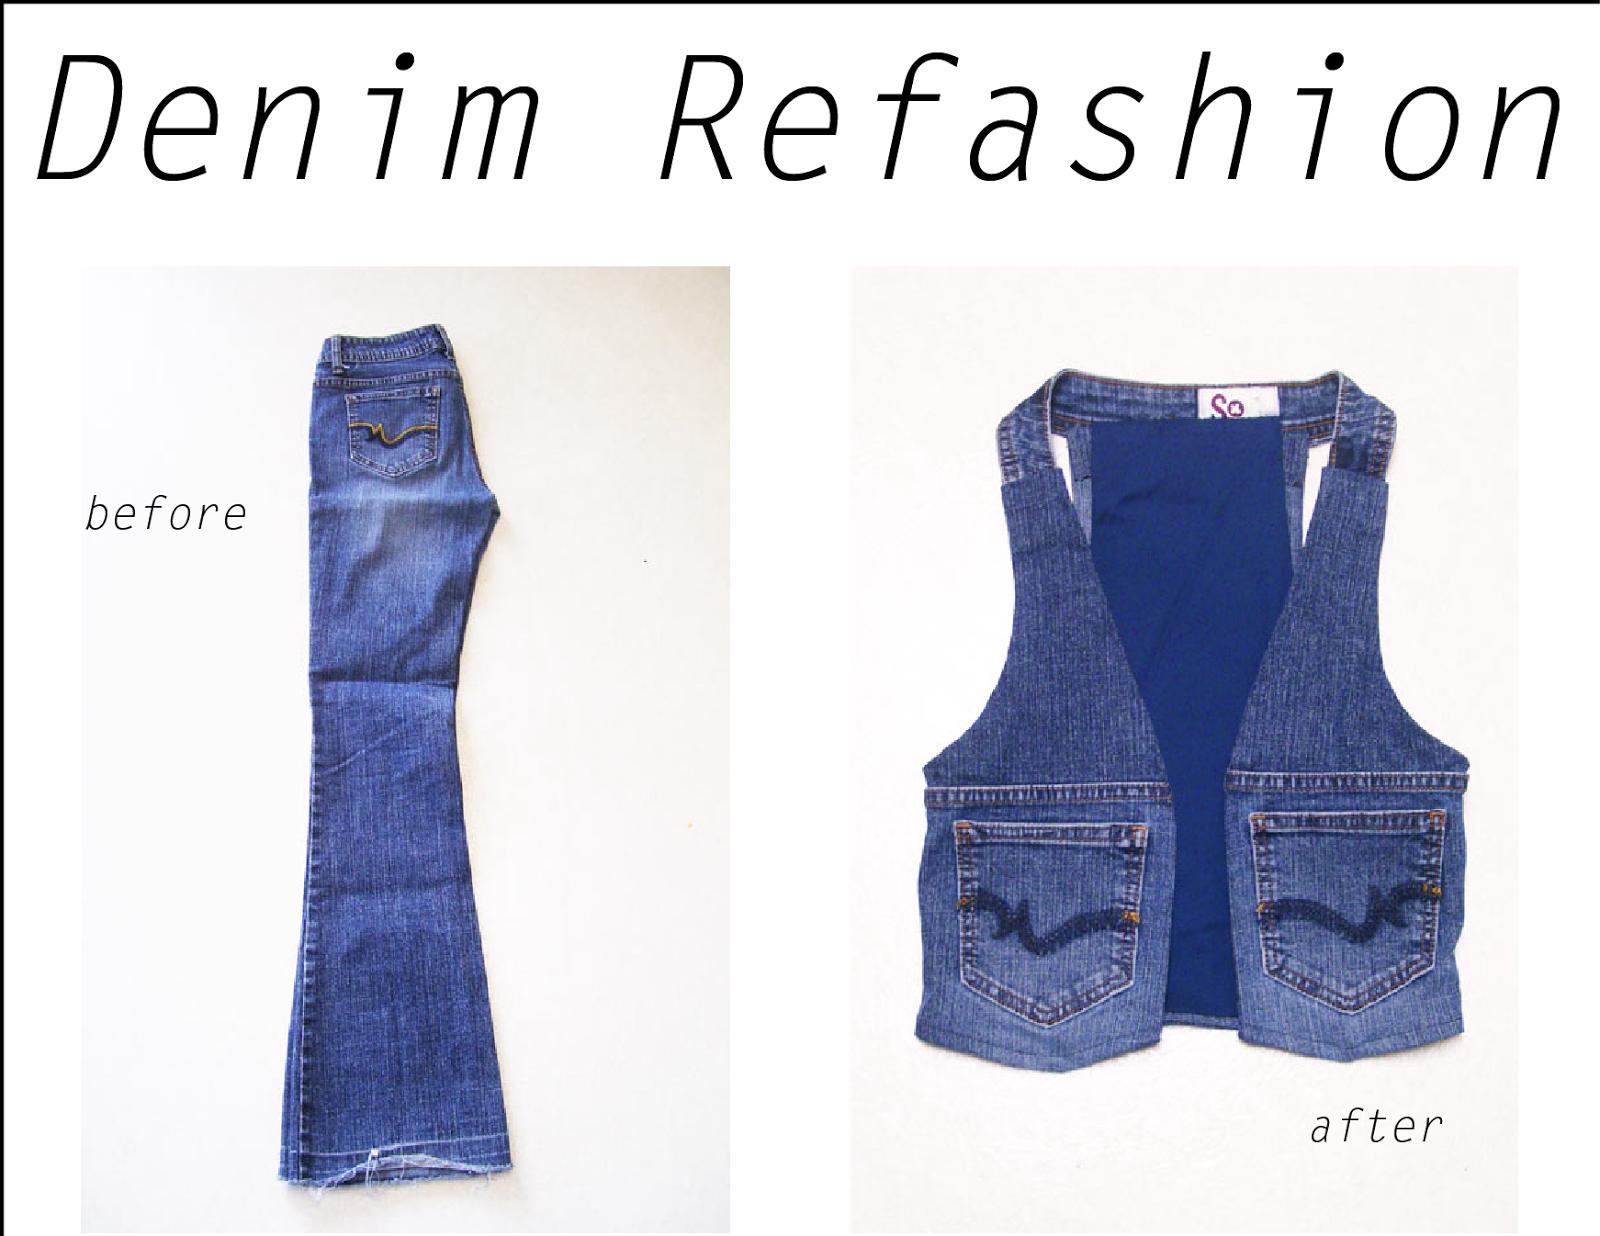 Kostuumvest Op Jeans.Refashion Co Op Denim Refashion Jeans To Vest